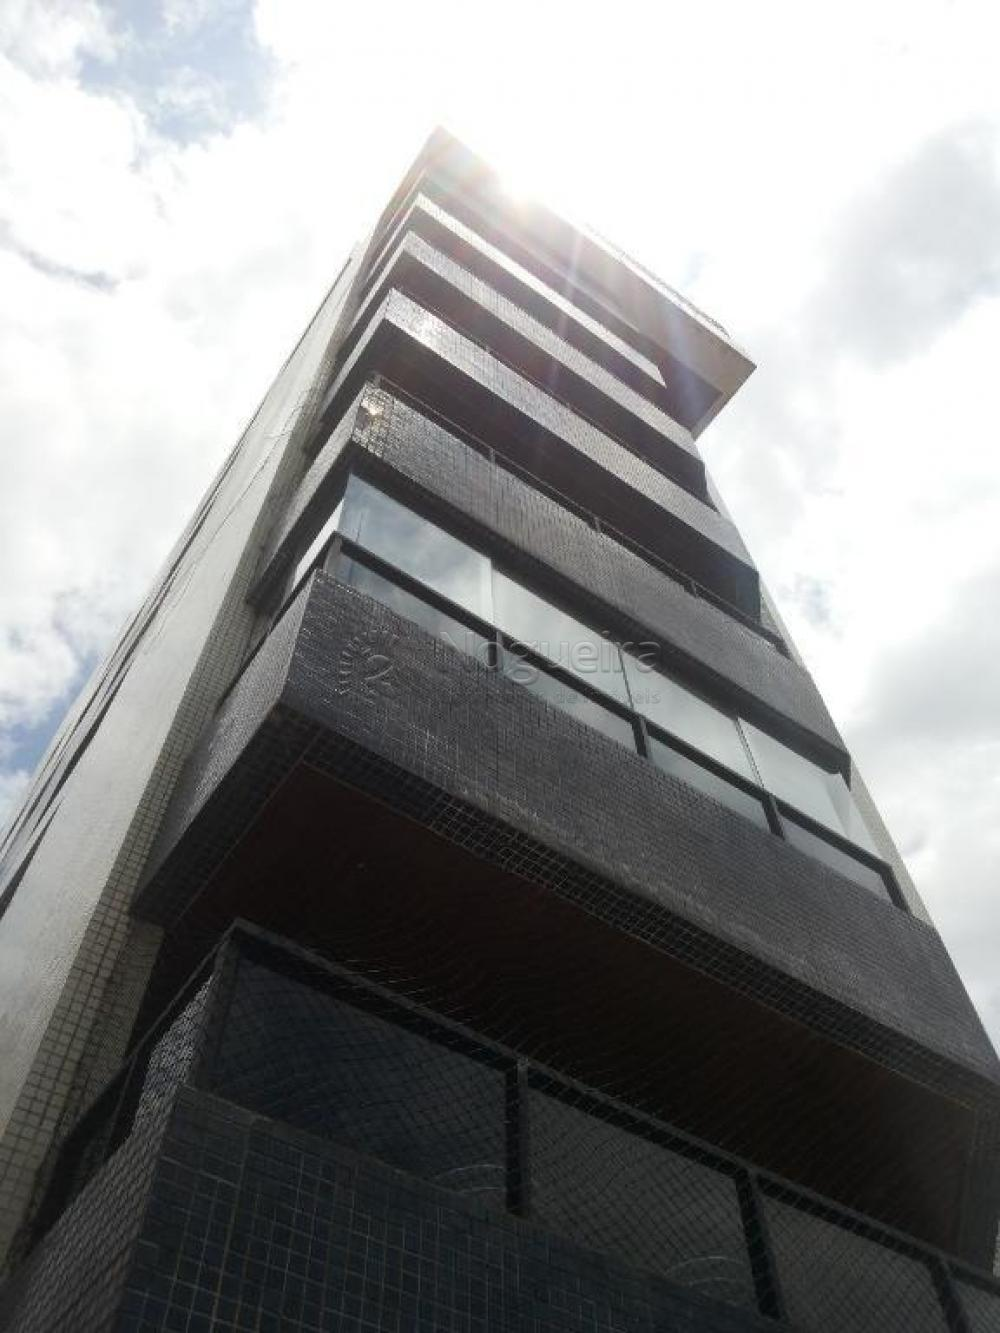 Apartamento com excelente localização em Candeias ao lado do Verd Fruit e próximo da Padaria Globo.  Apartamento Duplex com 274,90m², sala três ambientes, 5 quartos sendo 4 suítes, cozinha ampla, banheiro social, área de serviço, banheiro de serviço, WC de serviço e duas vagas de garagem. Móveis planejados ainda na garantia.  Totalmente nascente, 1 apartamento por andar.  O Edf possui Portaria, câmeras de segurança, gás encanado, portão eletrônico.